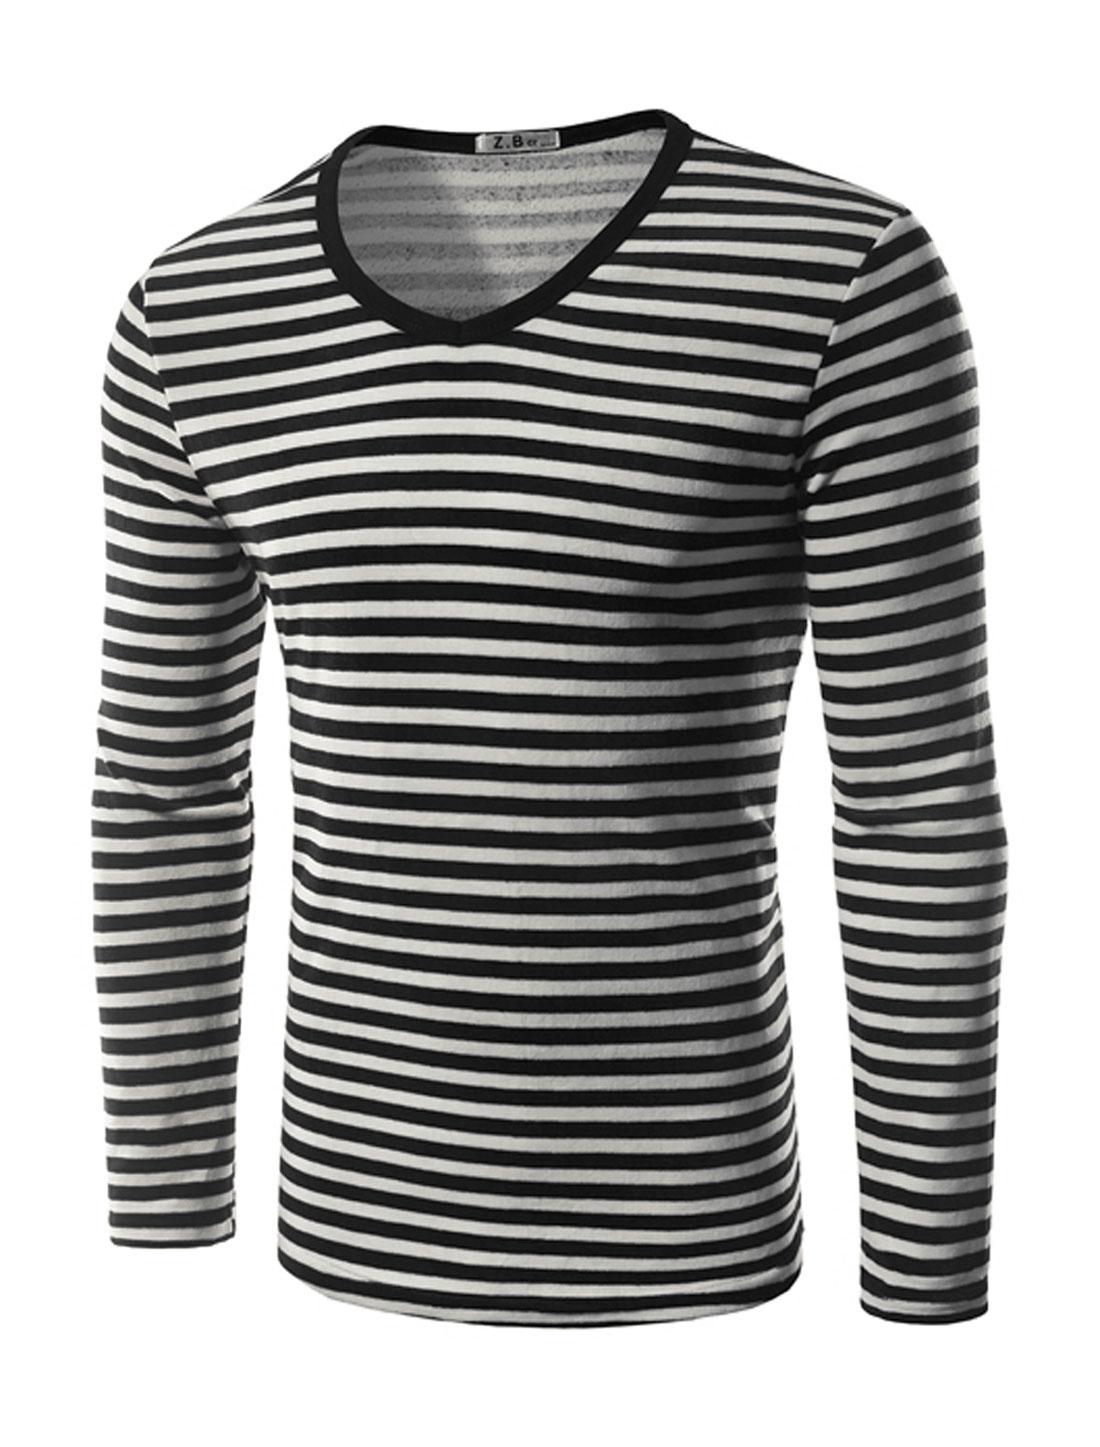 Man V Neck Stripes Slim Fit Plush T-Shirt Black M